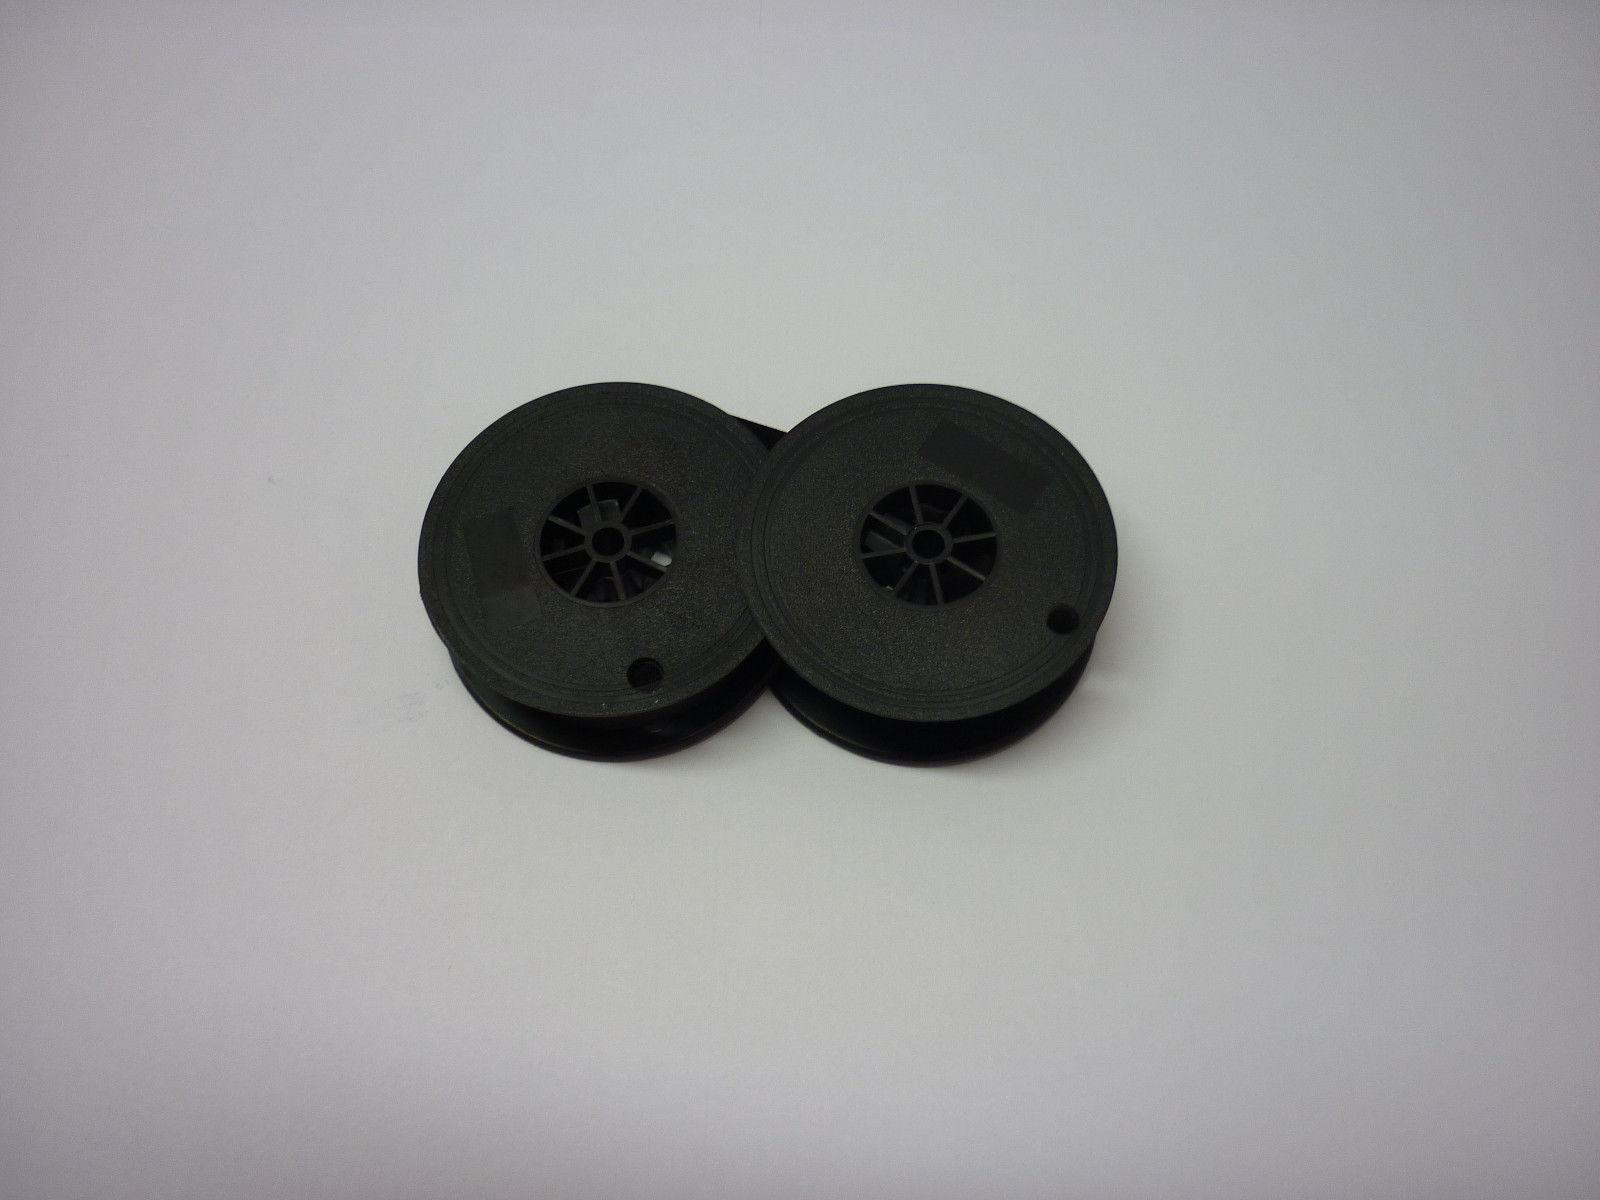 Olivetti Lettera 82 Typewriter Ribbon Black Twin Spool